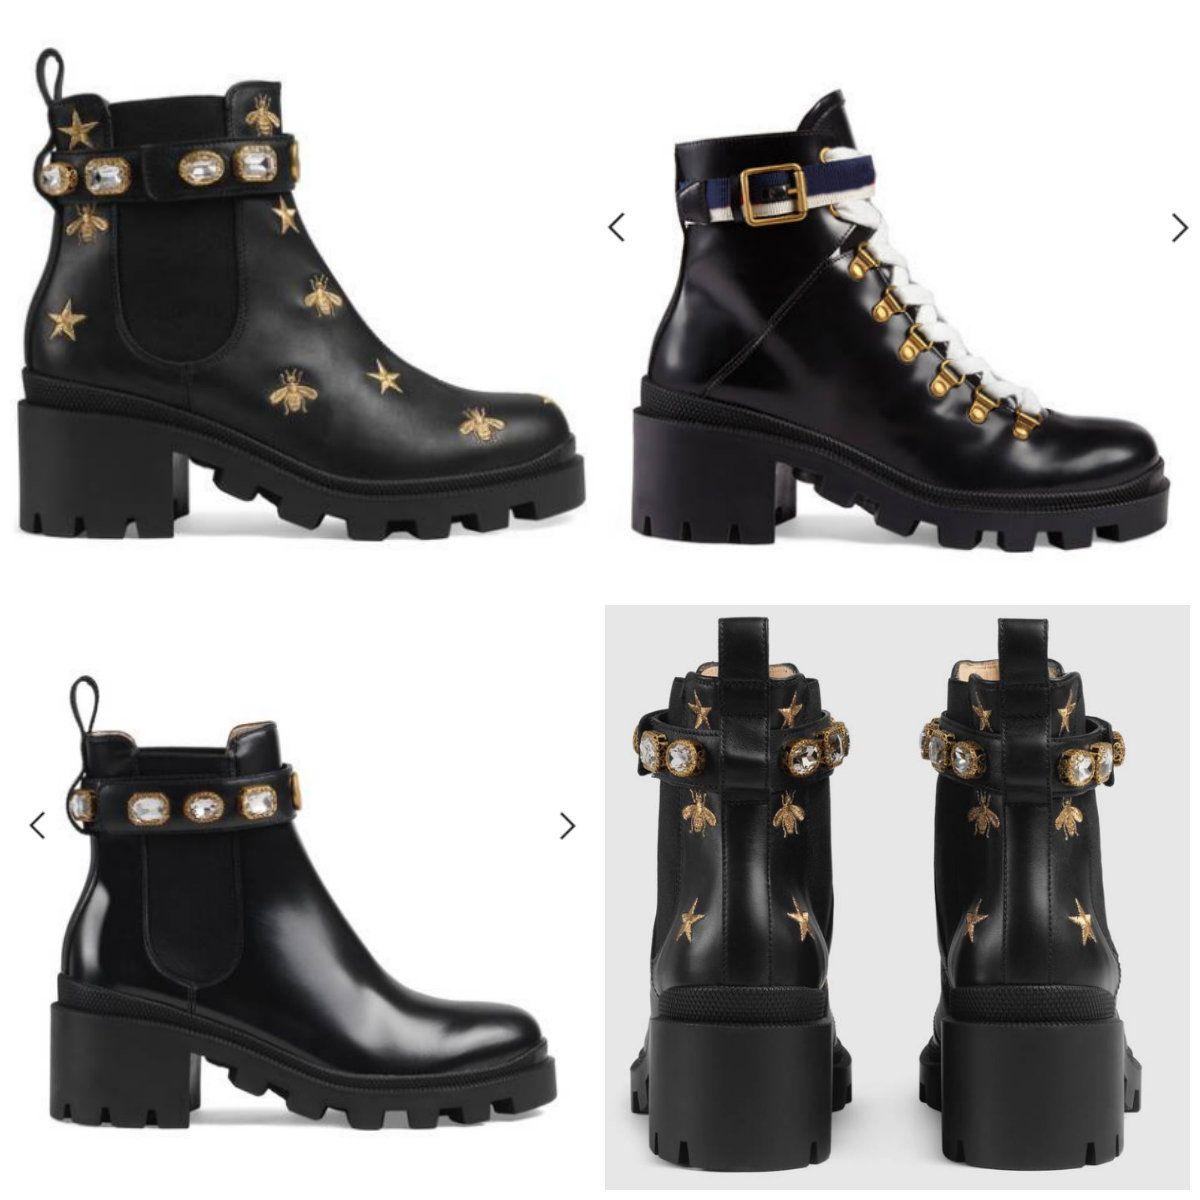 Женская кожаная обувь фабричного прямого женского шероховатого каблука с круглой головкой на шнуровке с пряжкой ремня ботильонов осень-зима Martin BootsSIZE35-42